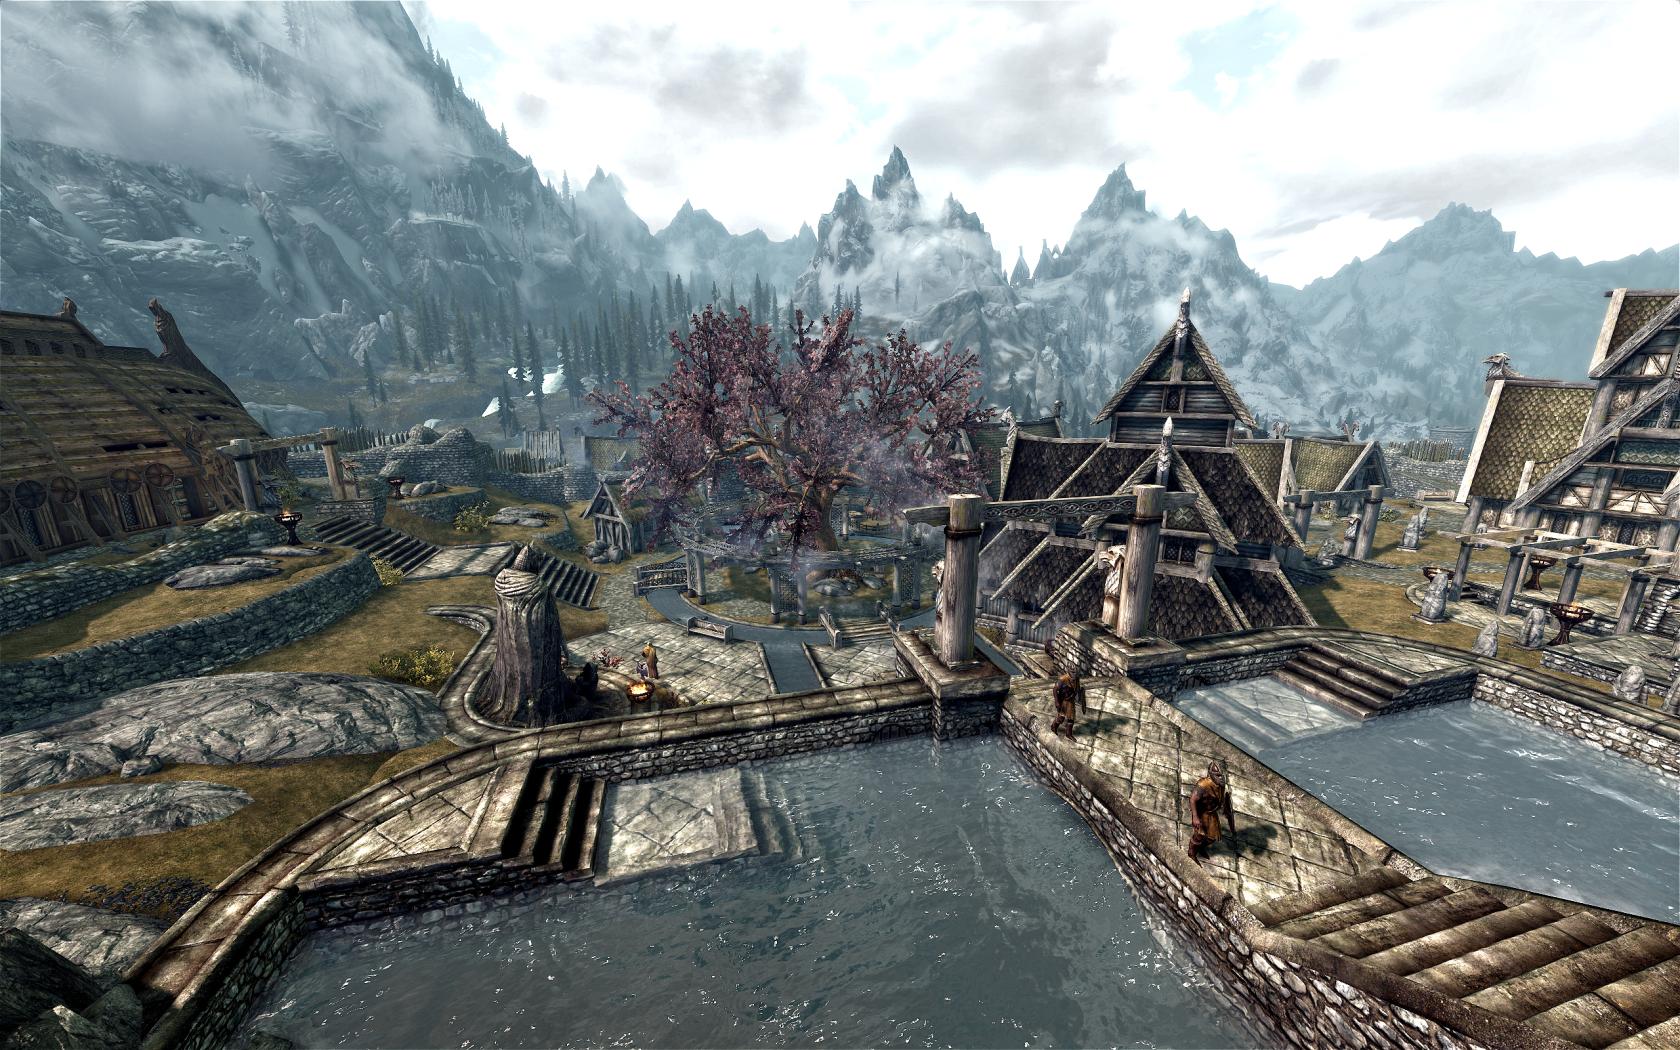 The elder scrolls v skyrim update 11 full-reloaded